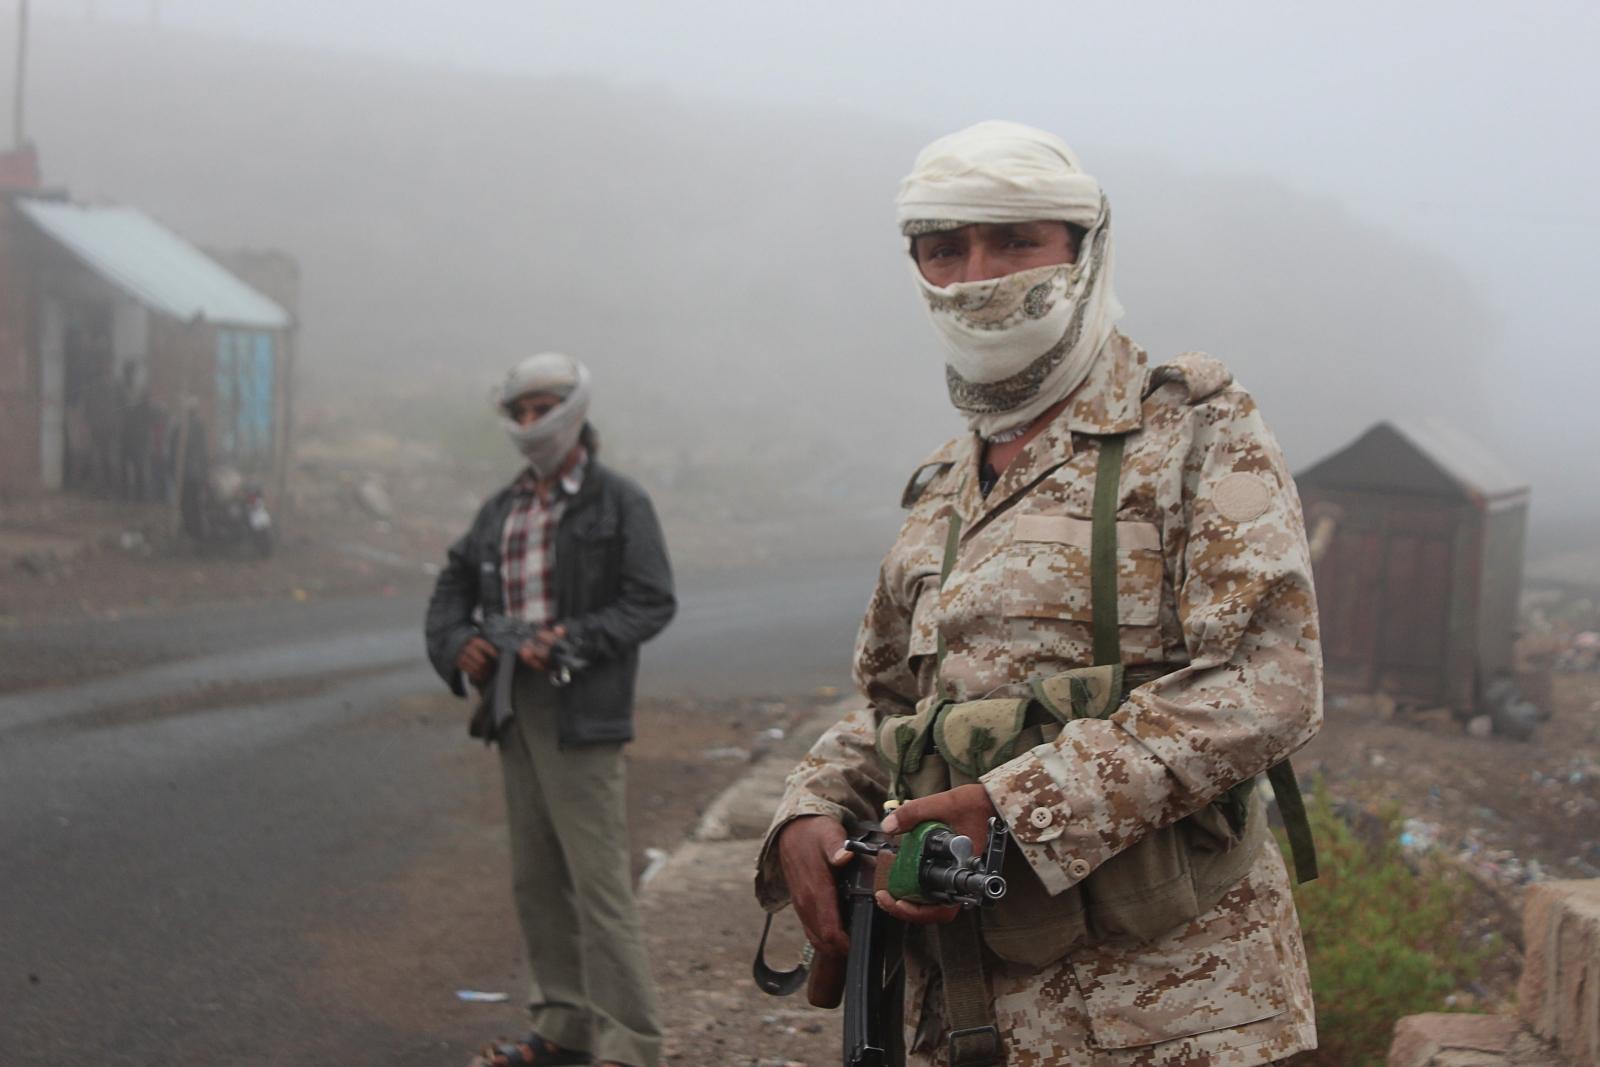 Yemen crisis and ground intervention